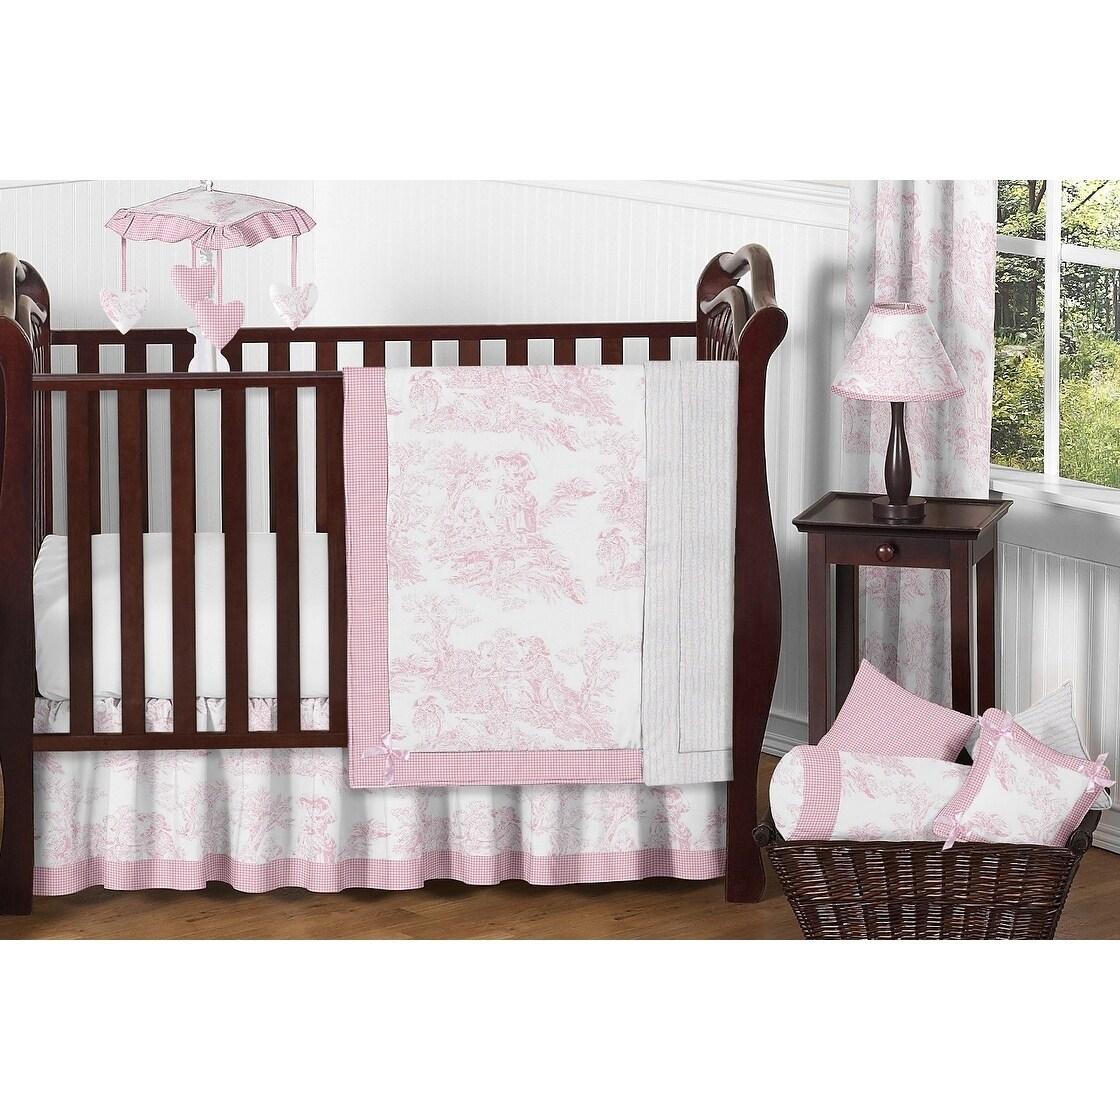 Sweet Jojo Designs Pink Toile 11 Piece Bumperless Crib Bedding Set